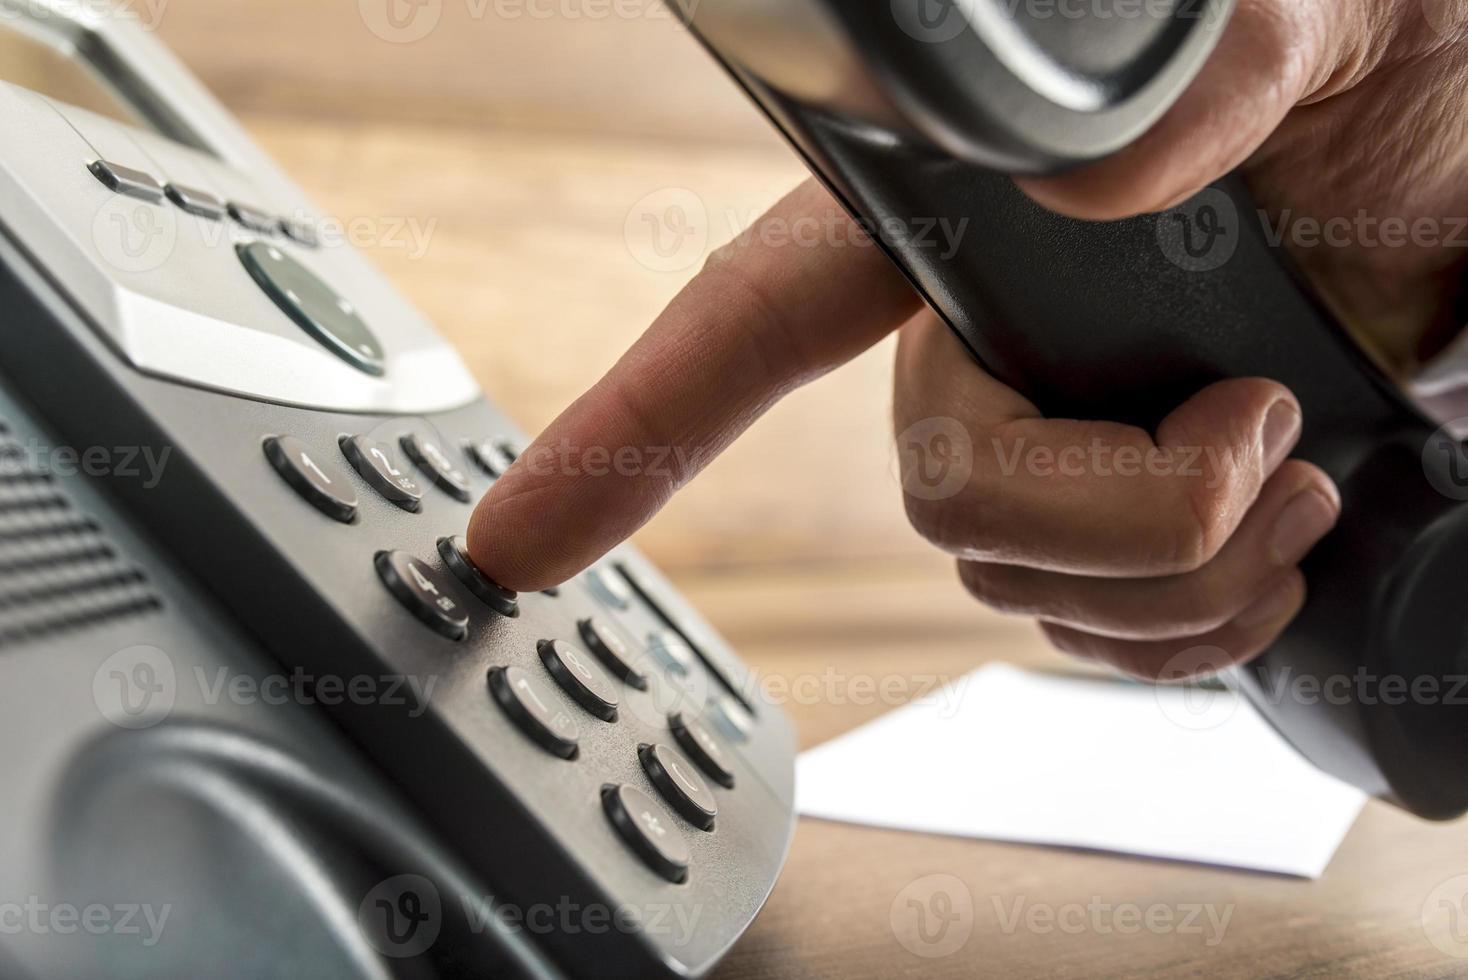 männliche Hand, die eine Telefonnummer wählt foto